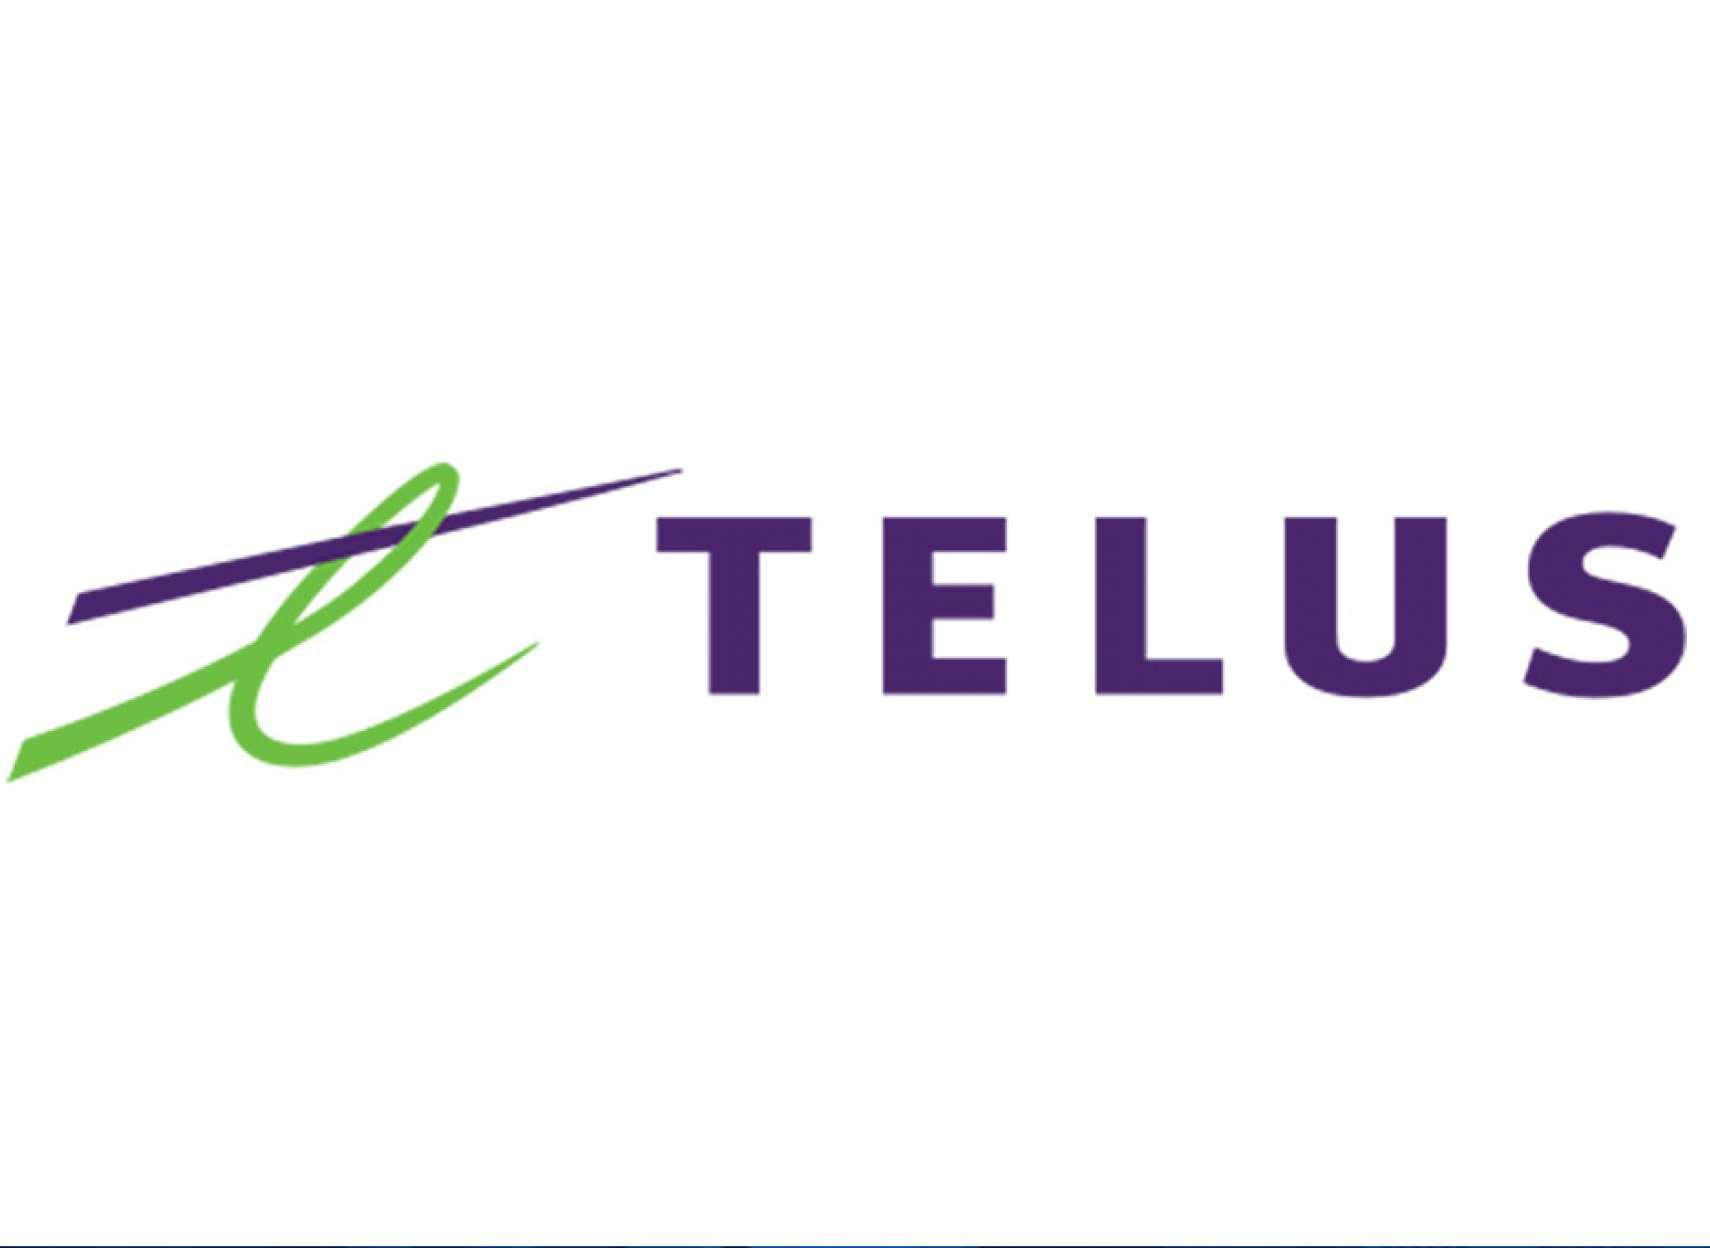 اخبار-کانادا-تهدید-تلاس-موبایل-ارزان-شود-5000-نفر-را-اخراج-می-کنیم